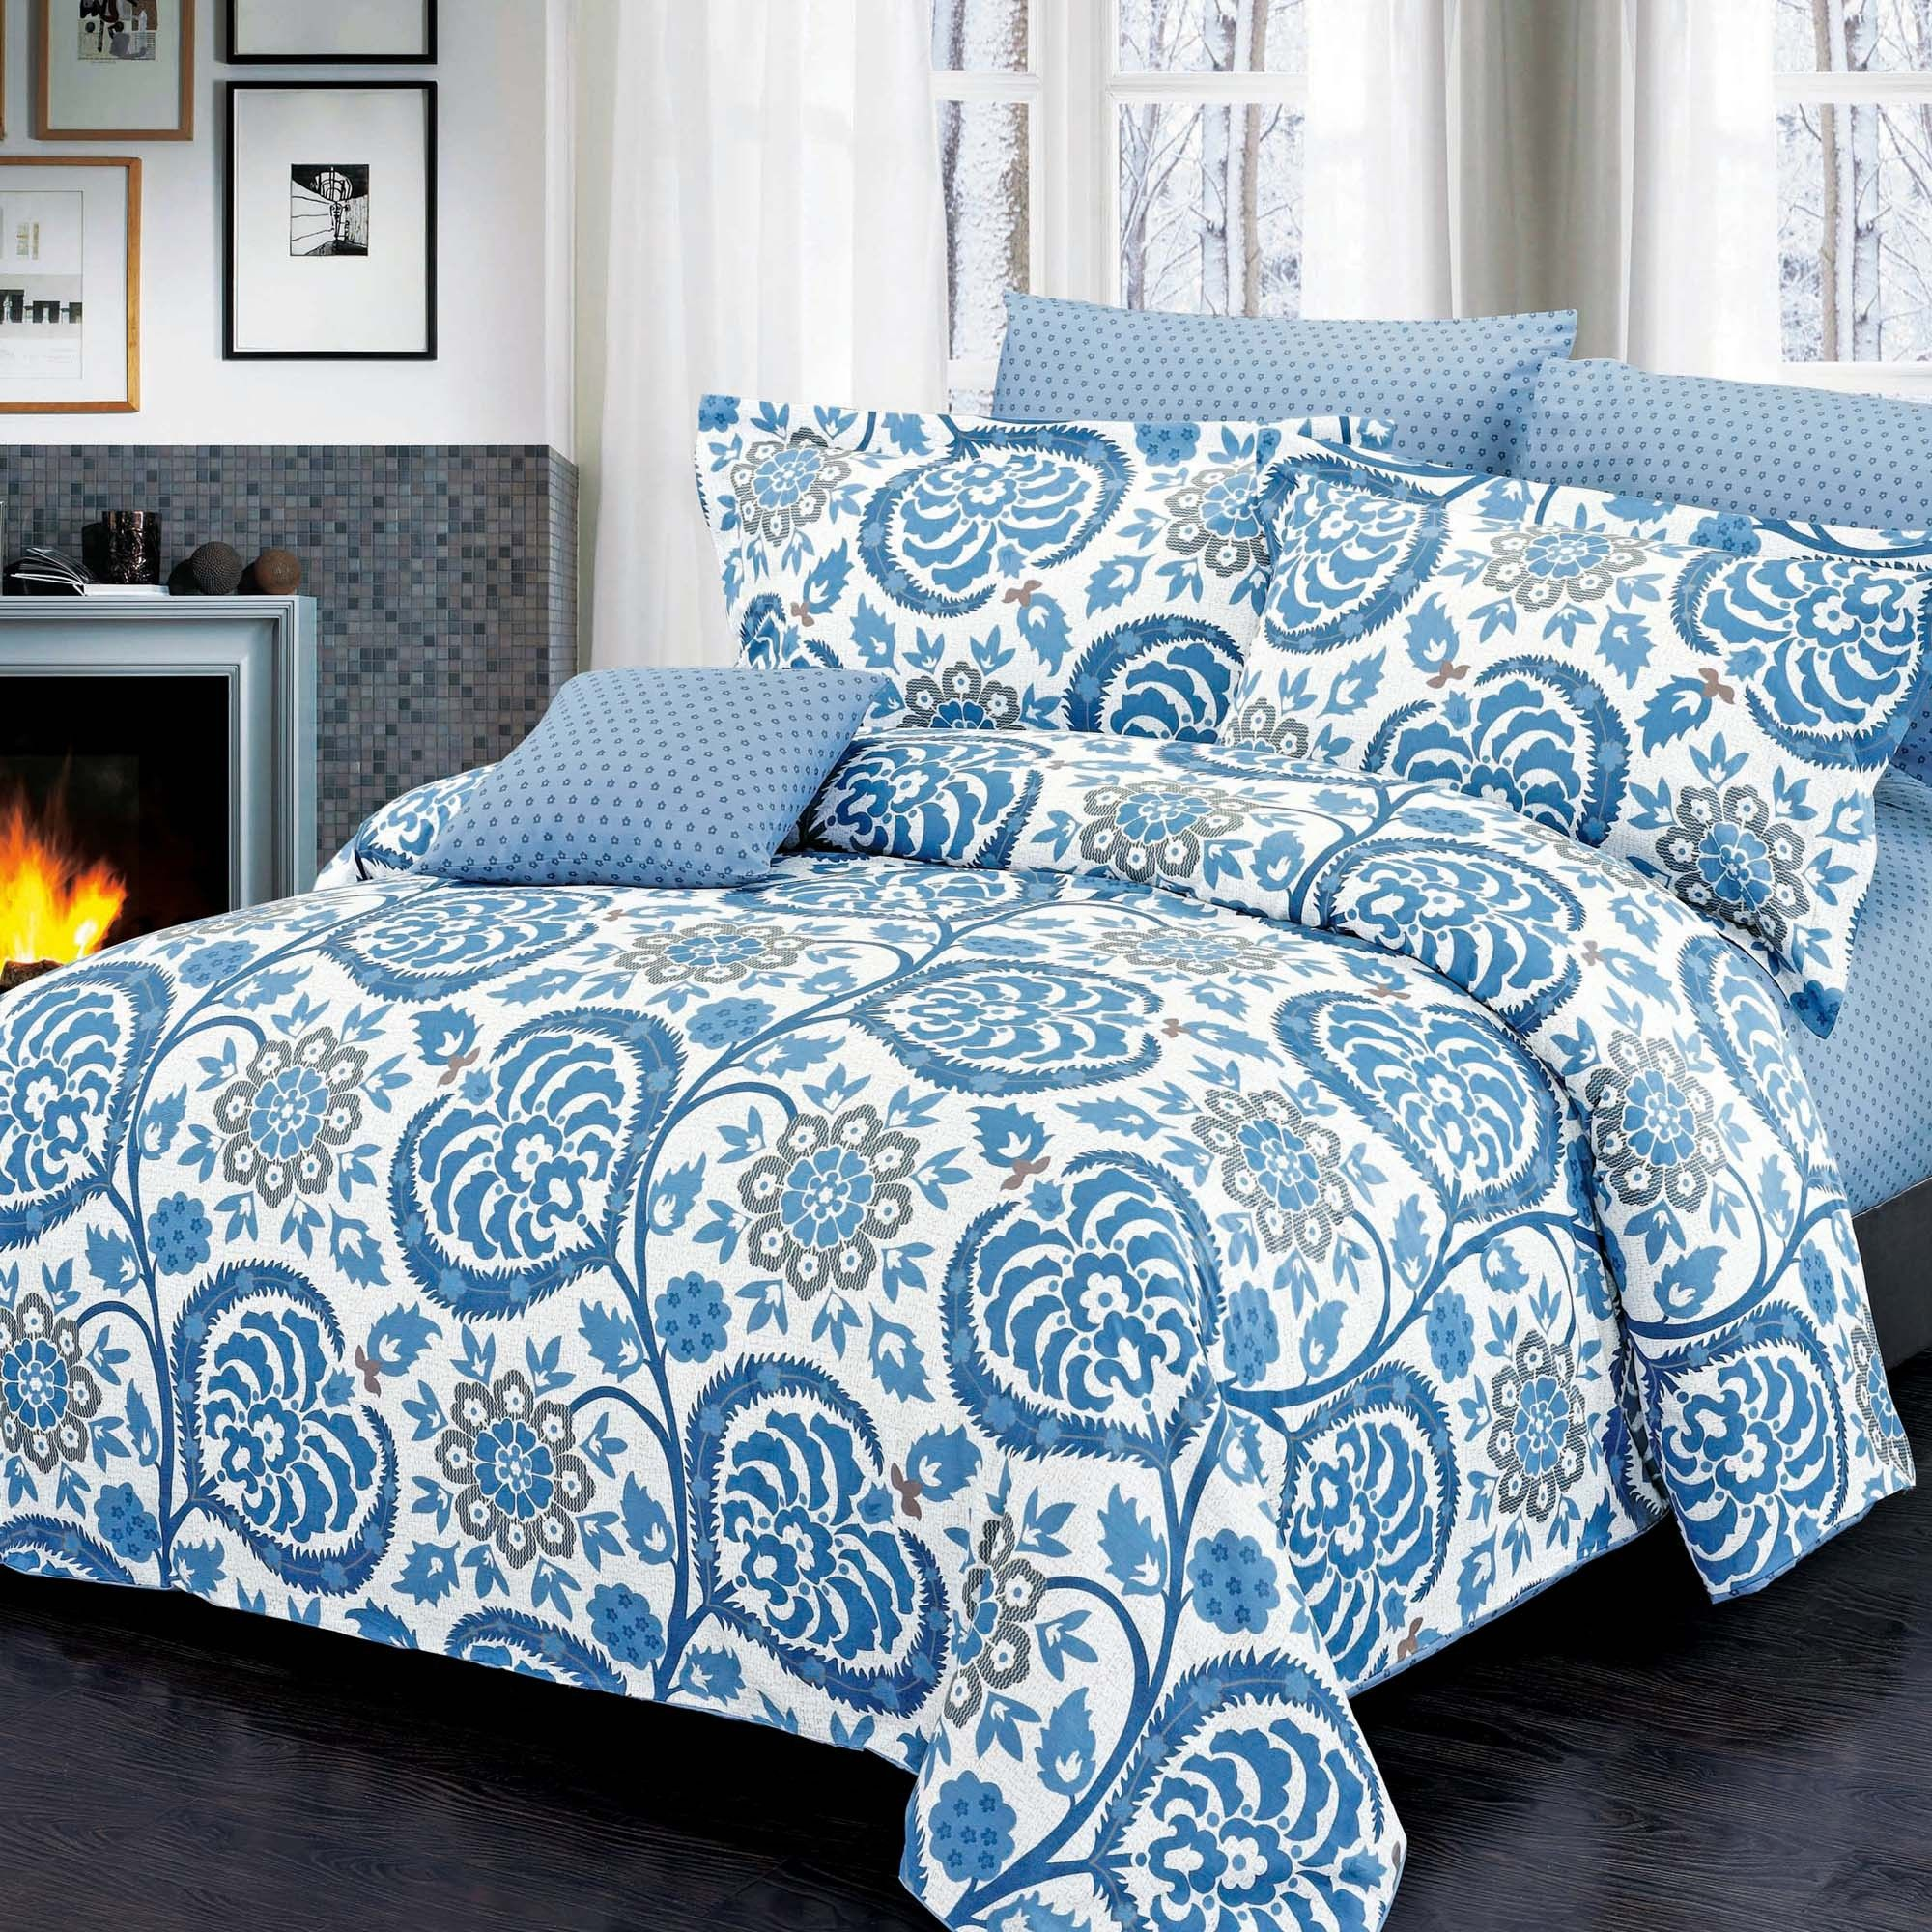 Housse De Couette Au Fond Blanc Avec Motif Floral Bleu Ensembles De Douillette Housse De Couette Housses